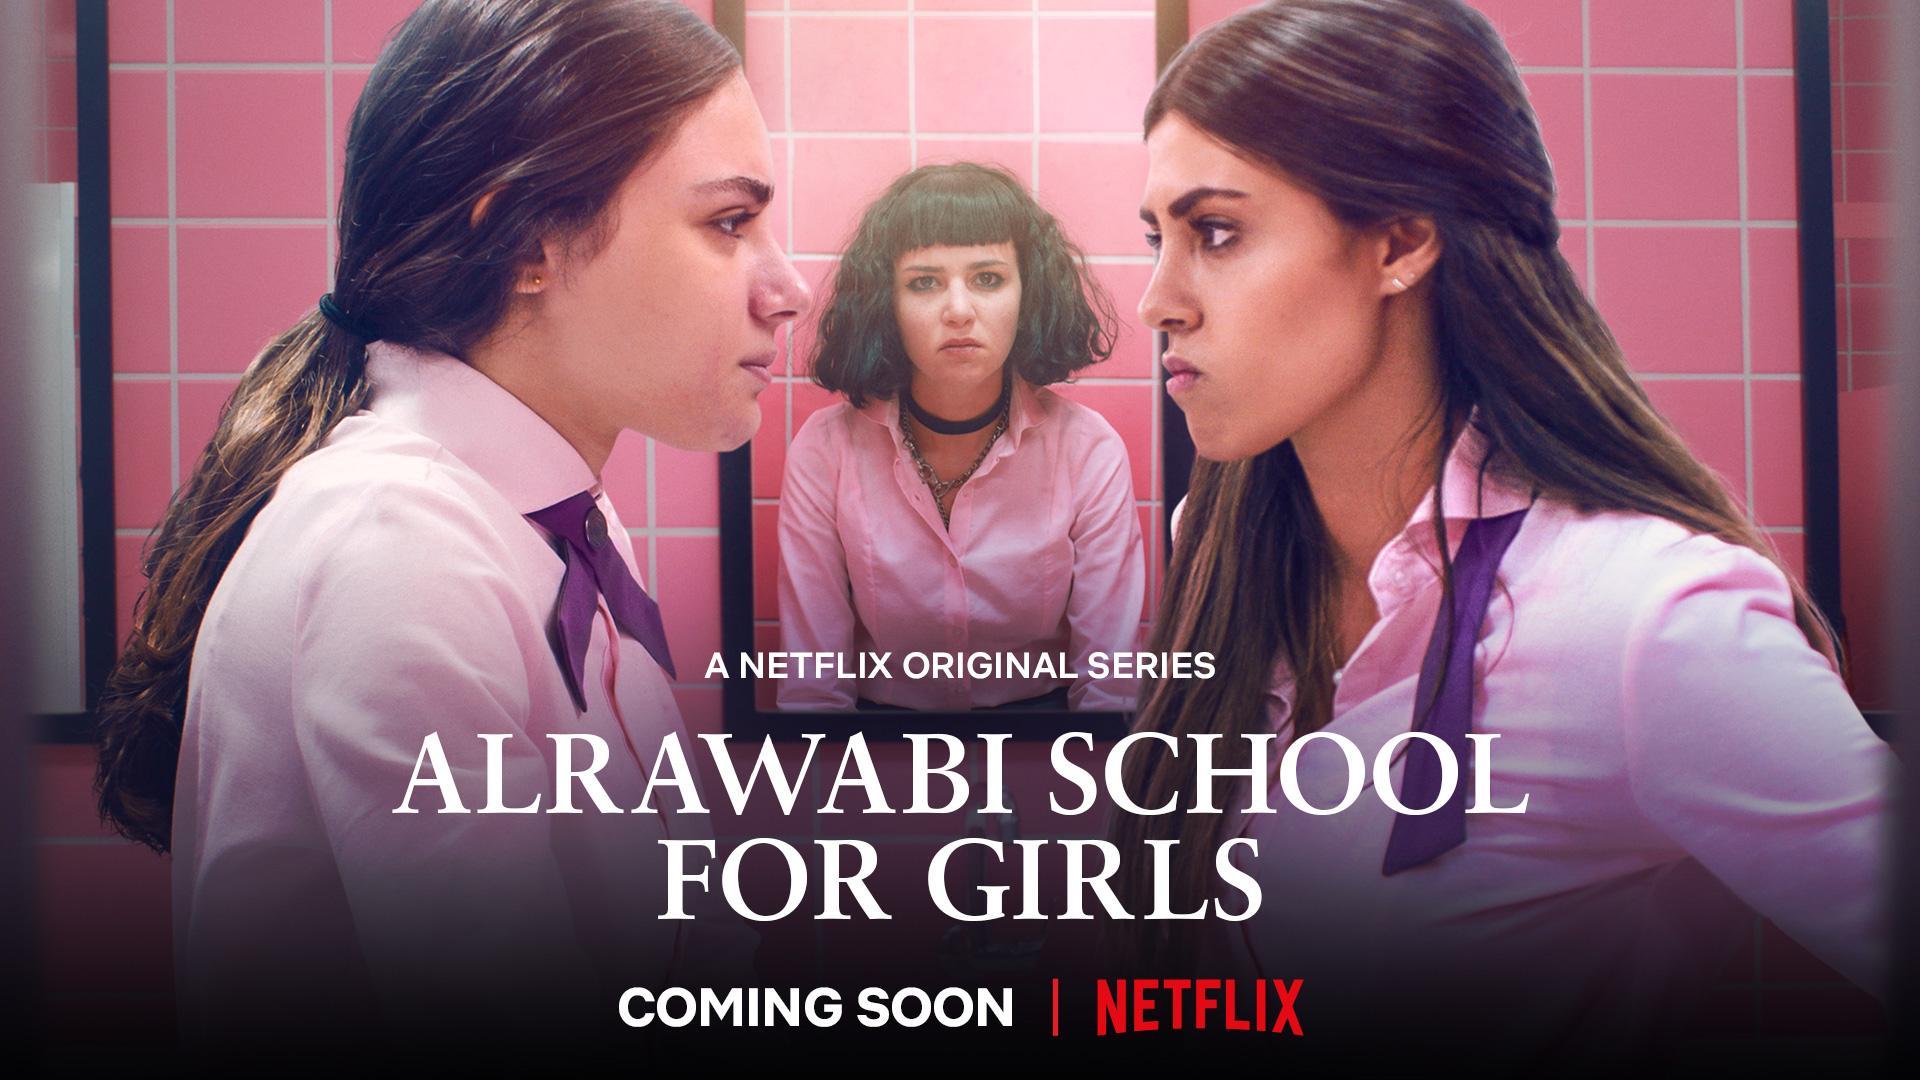 """La serie que impactó a muchos: """"Escuela para señoritas Al Rawabi"""" cuenta  con una producción sólo de mujeres - Diario 24"""